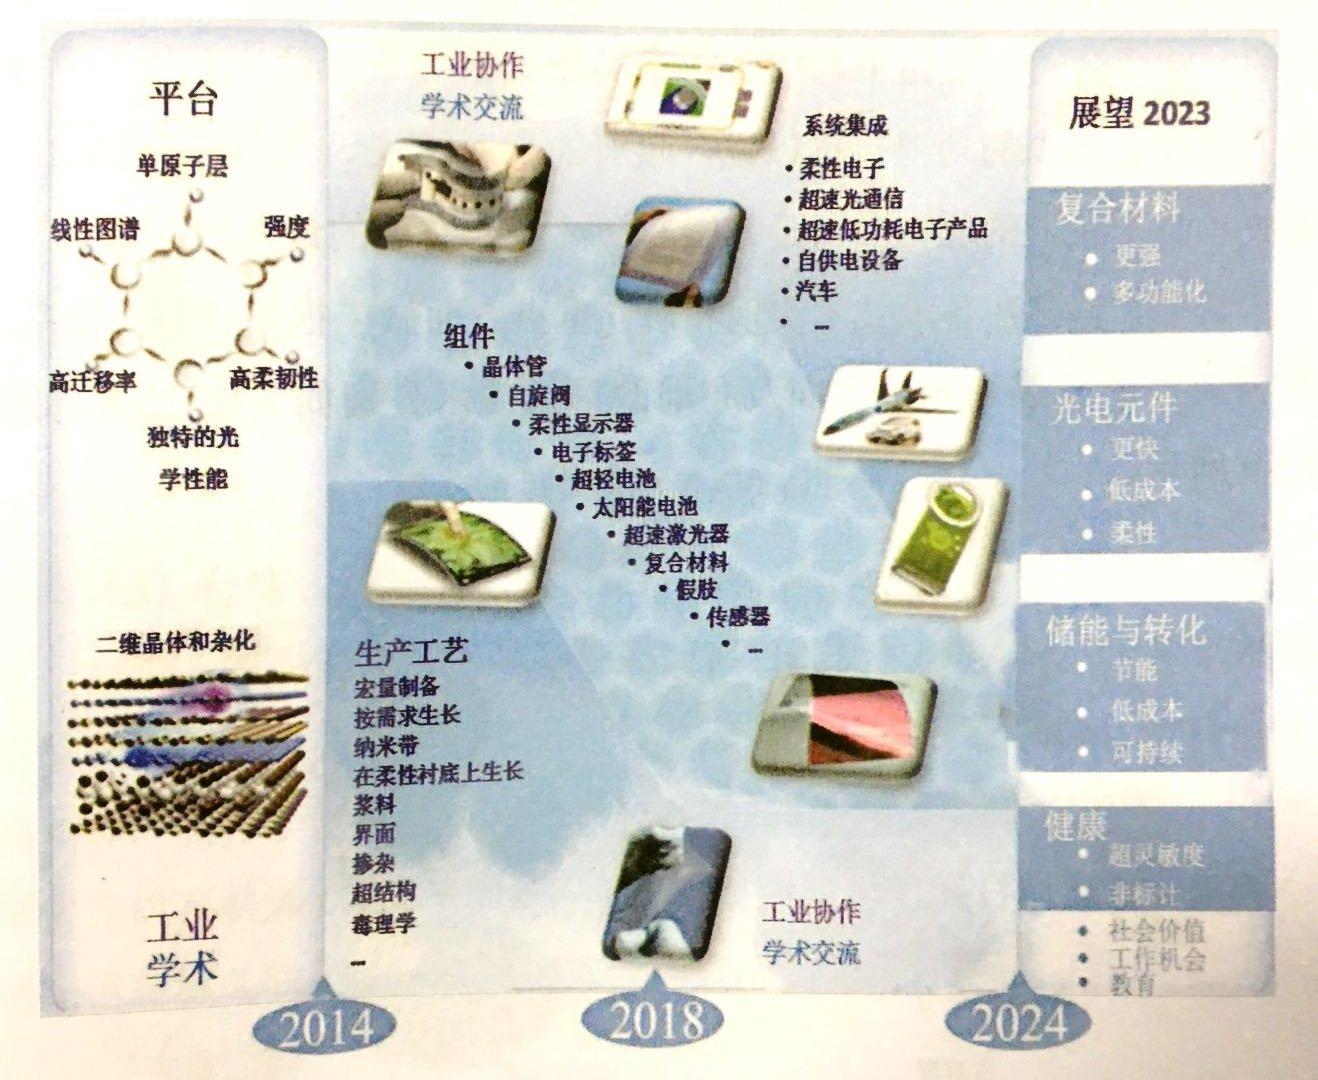 欧洲石墨烯产业战略技术路线图